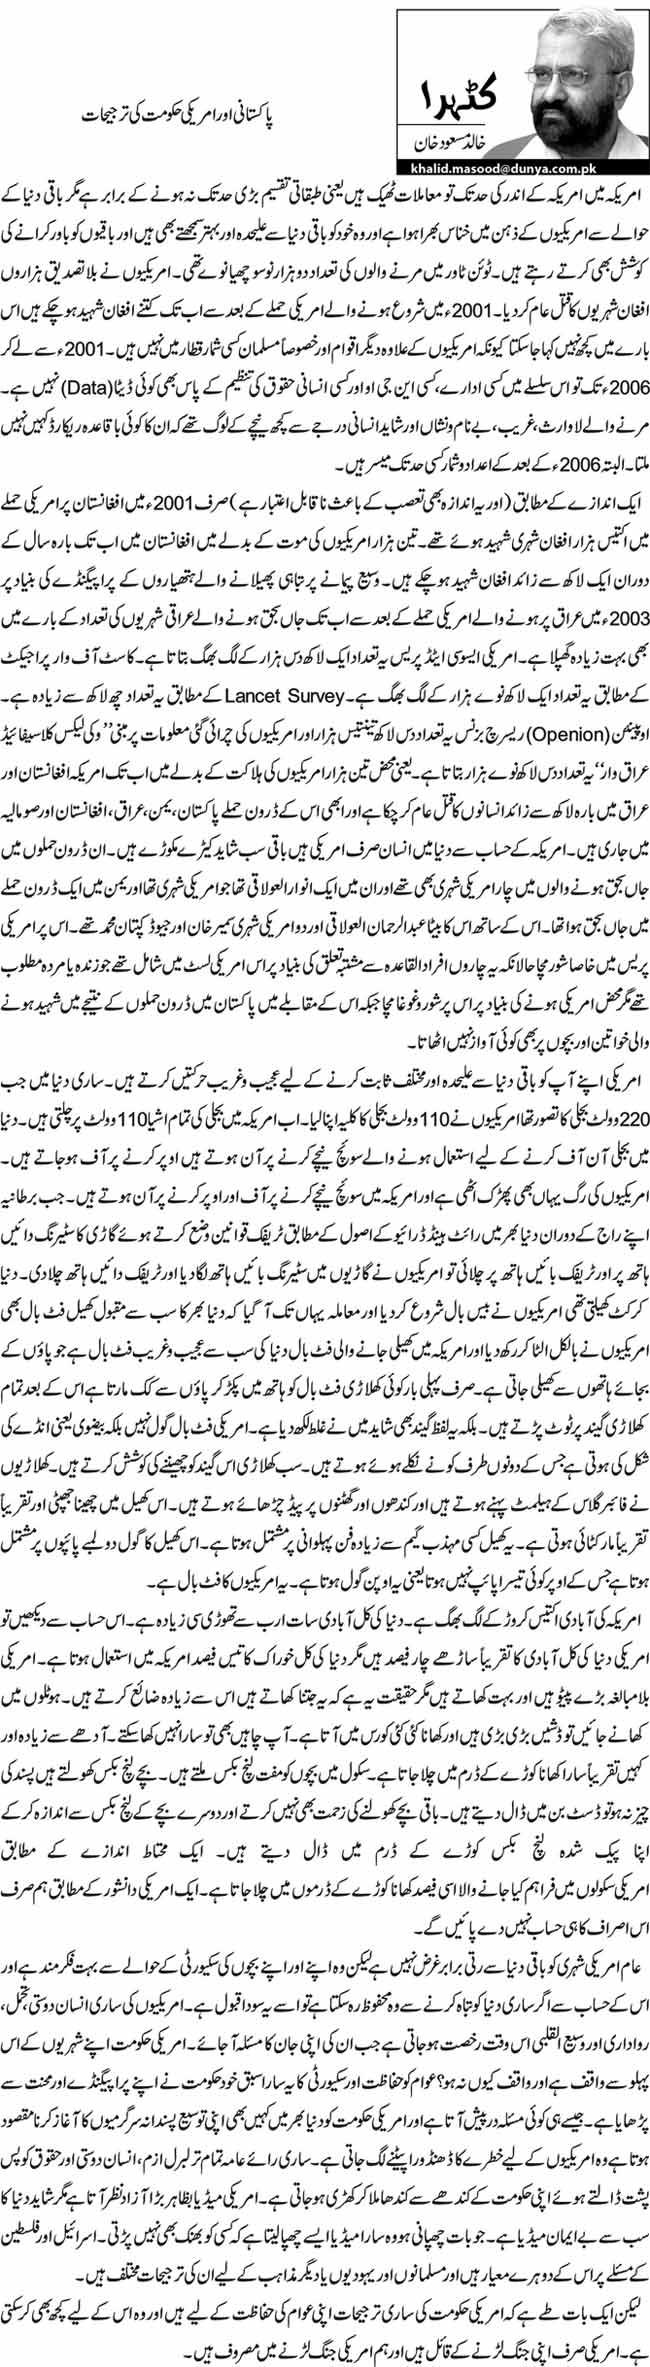 پاکستانی اور امریکی حکومت کی ترجیحات